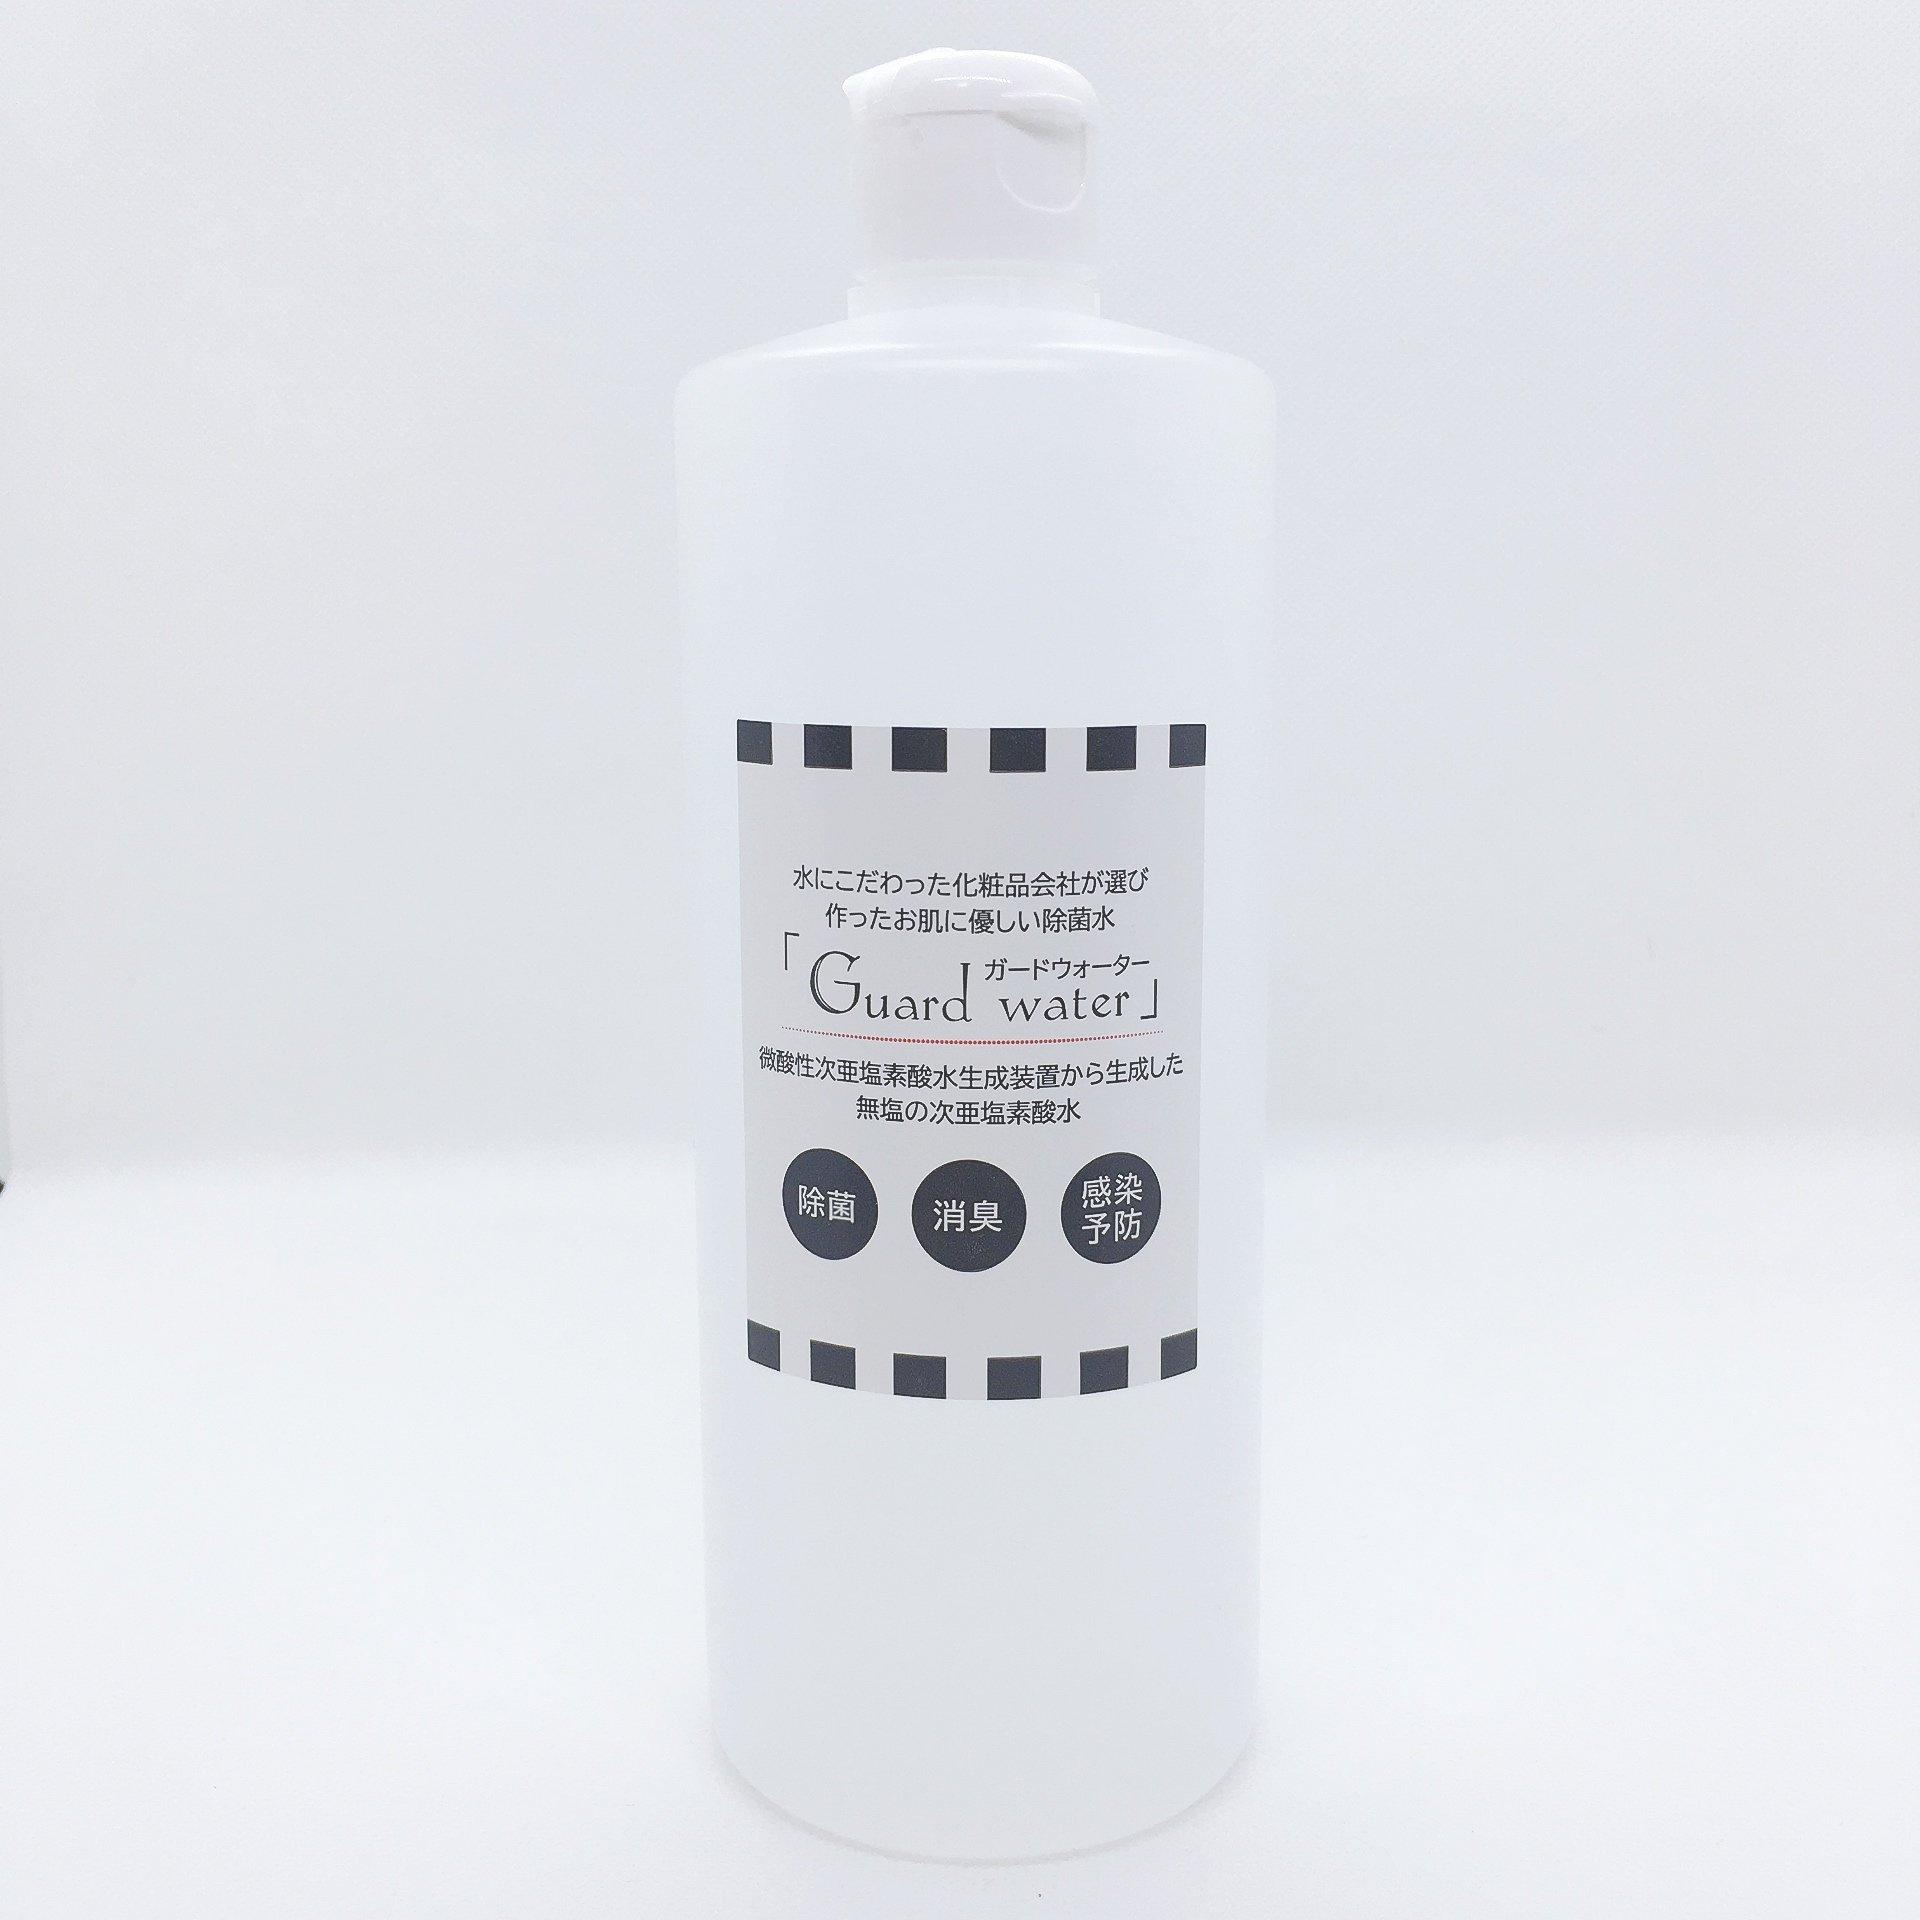 除菌 ガードウォーター 微酸性次亜塩素酸水 除菌消臭剤【安心】【安全】詰め替え 500mlのイメージその2